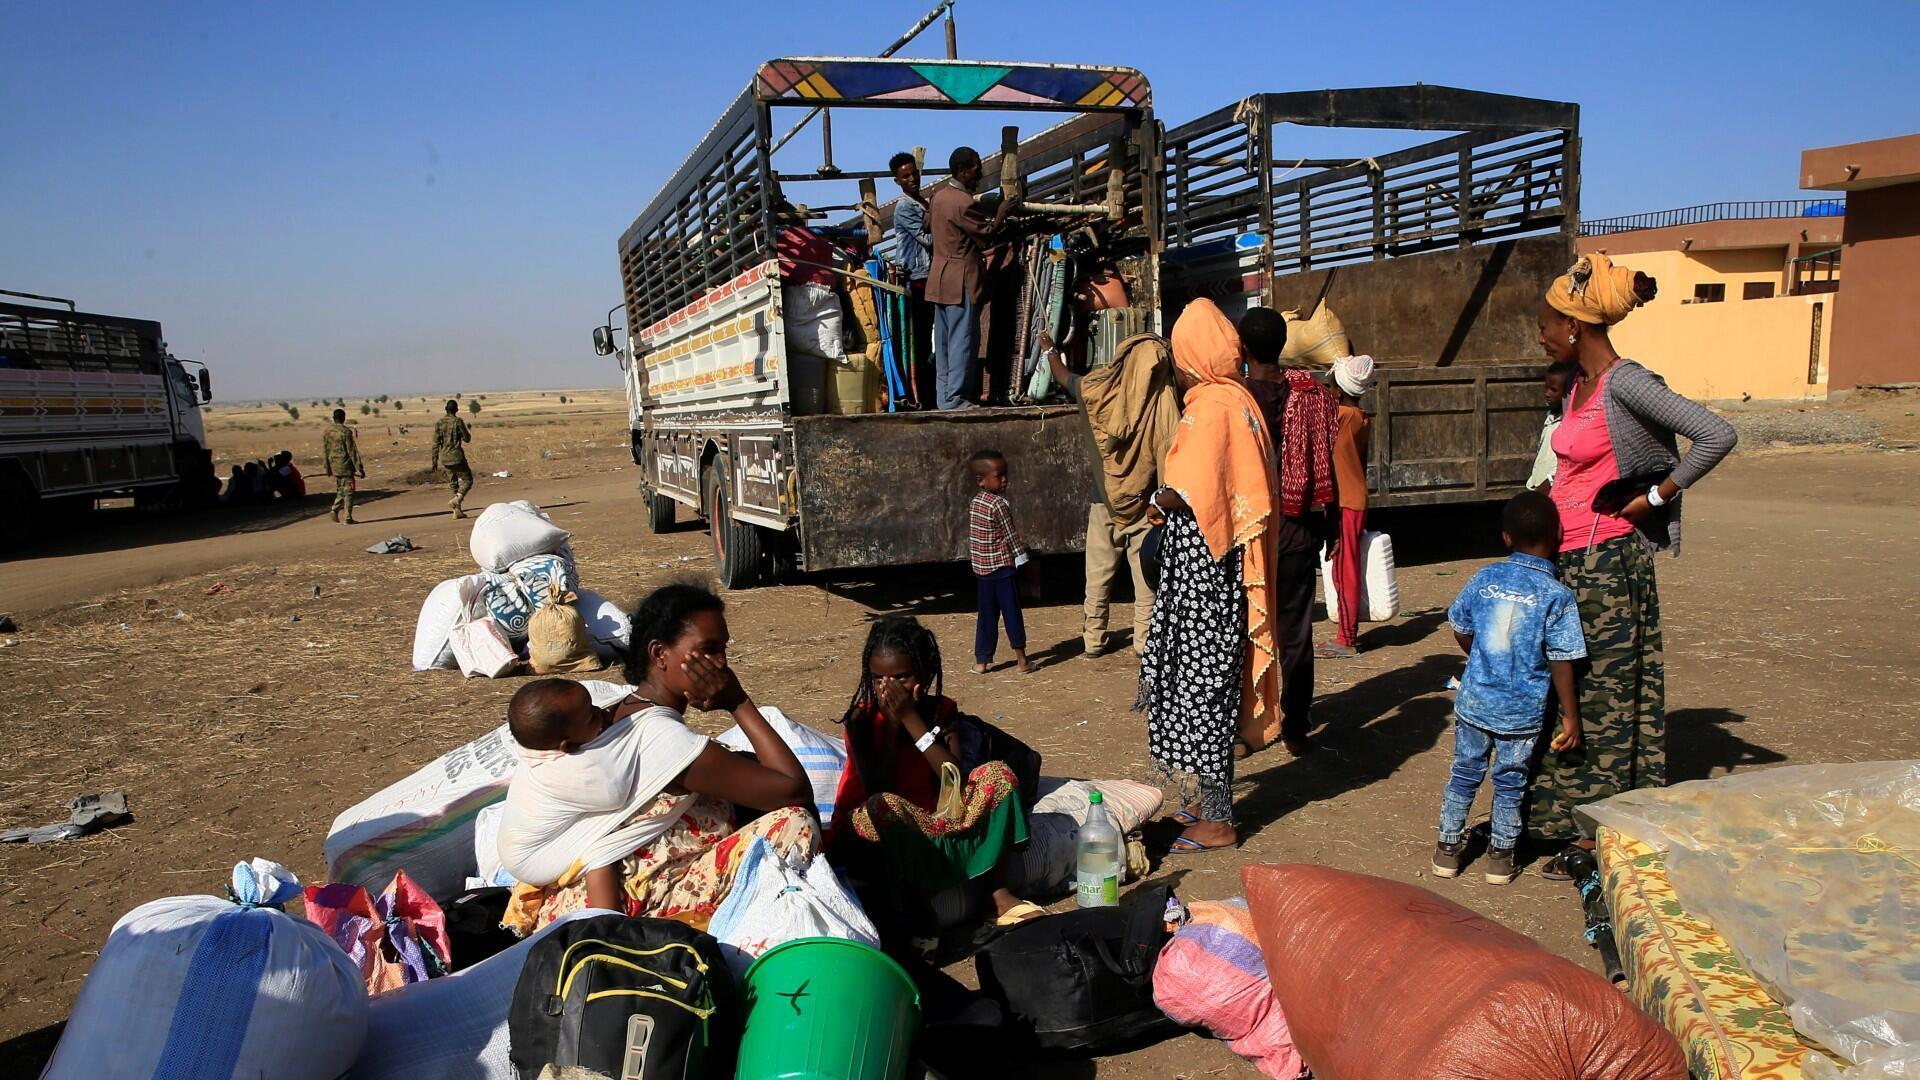 Los etíopes que huyeron de los combates en curso en la región del Tigray se preparan para abordar un camión de cortesía en la aldea de Hamdayet, en la frontera entre Sudán y Etiopía, en el estado oriental de Kassala, Sudán, el 22 de noviembre de 2020.